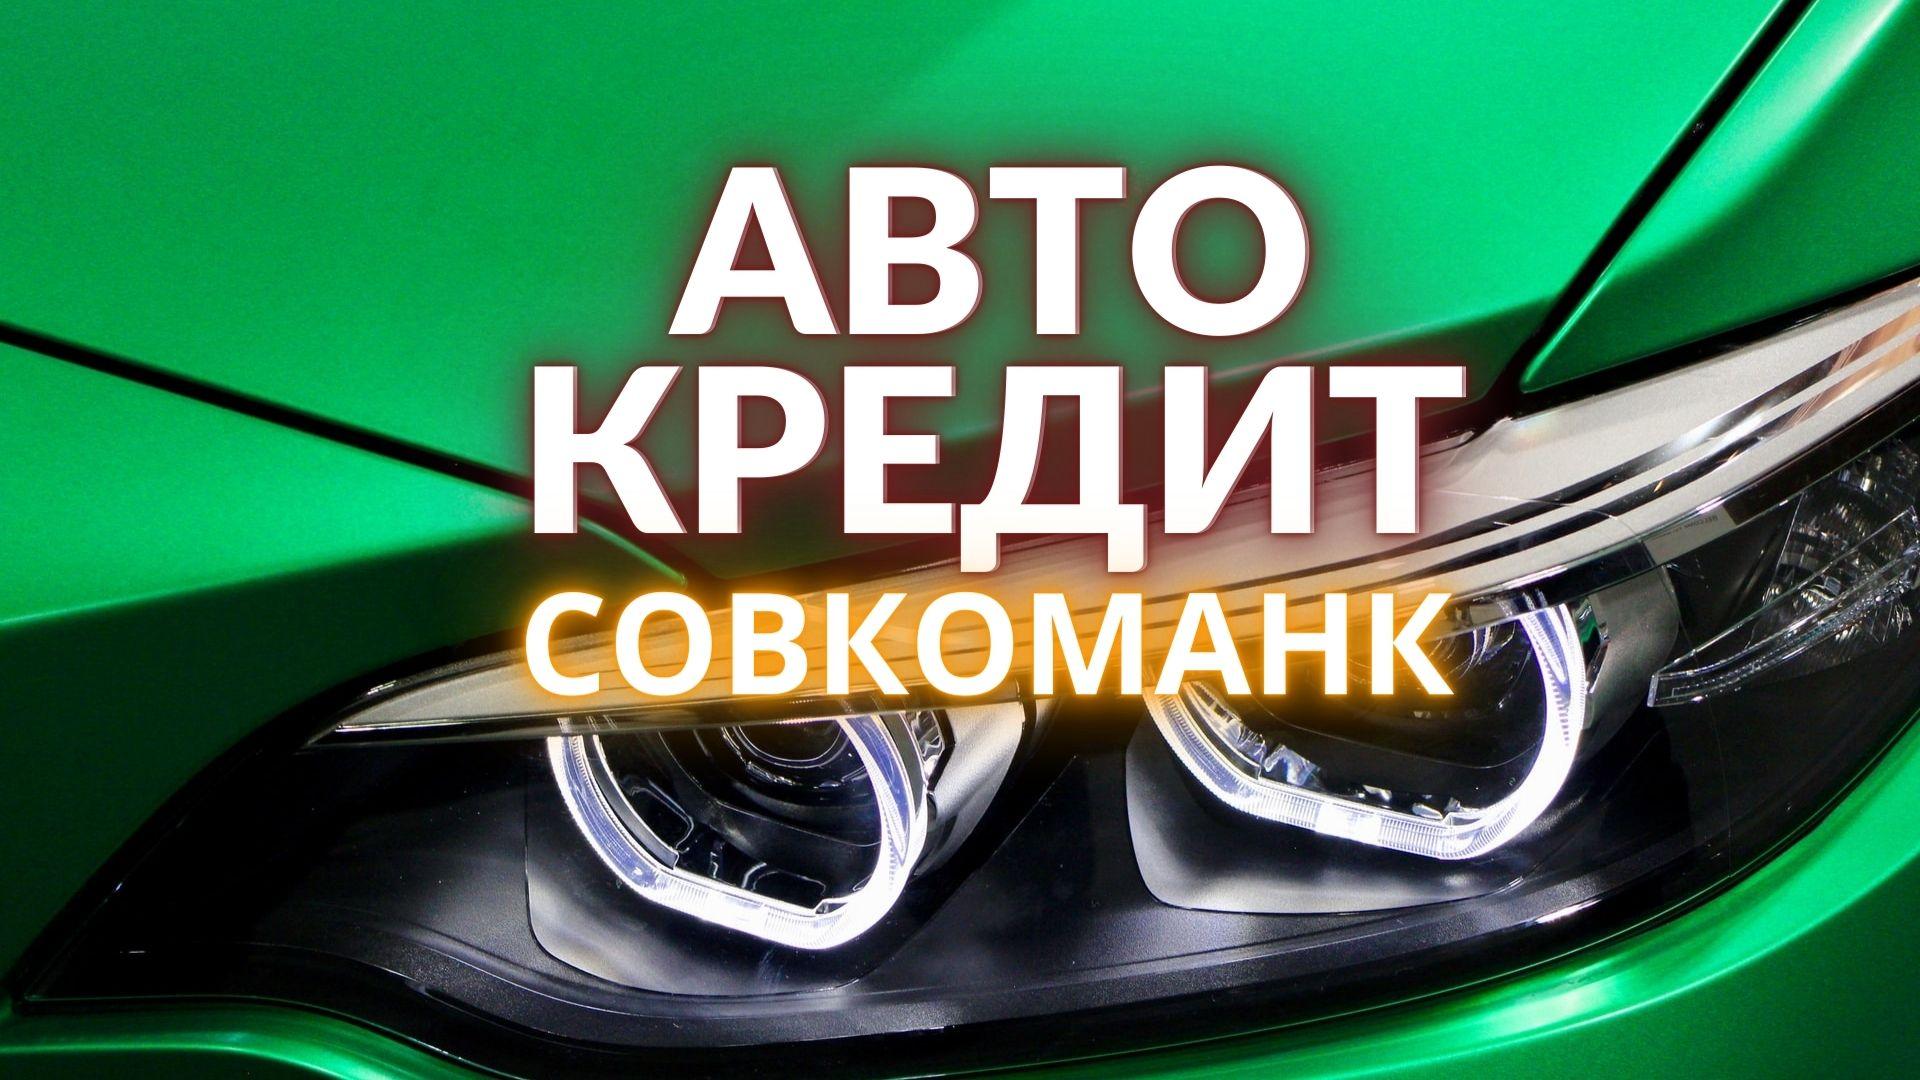 Автокредит в Совкомбанке на подержанный автомобиль Обзор Условий